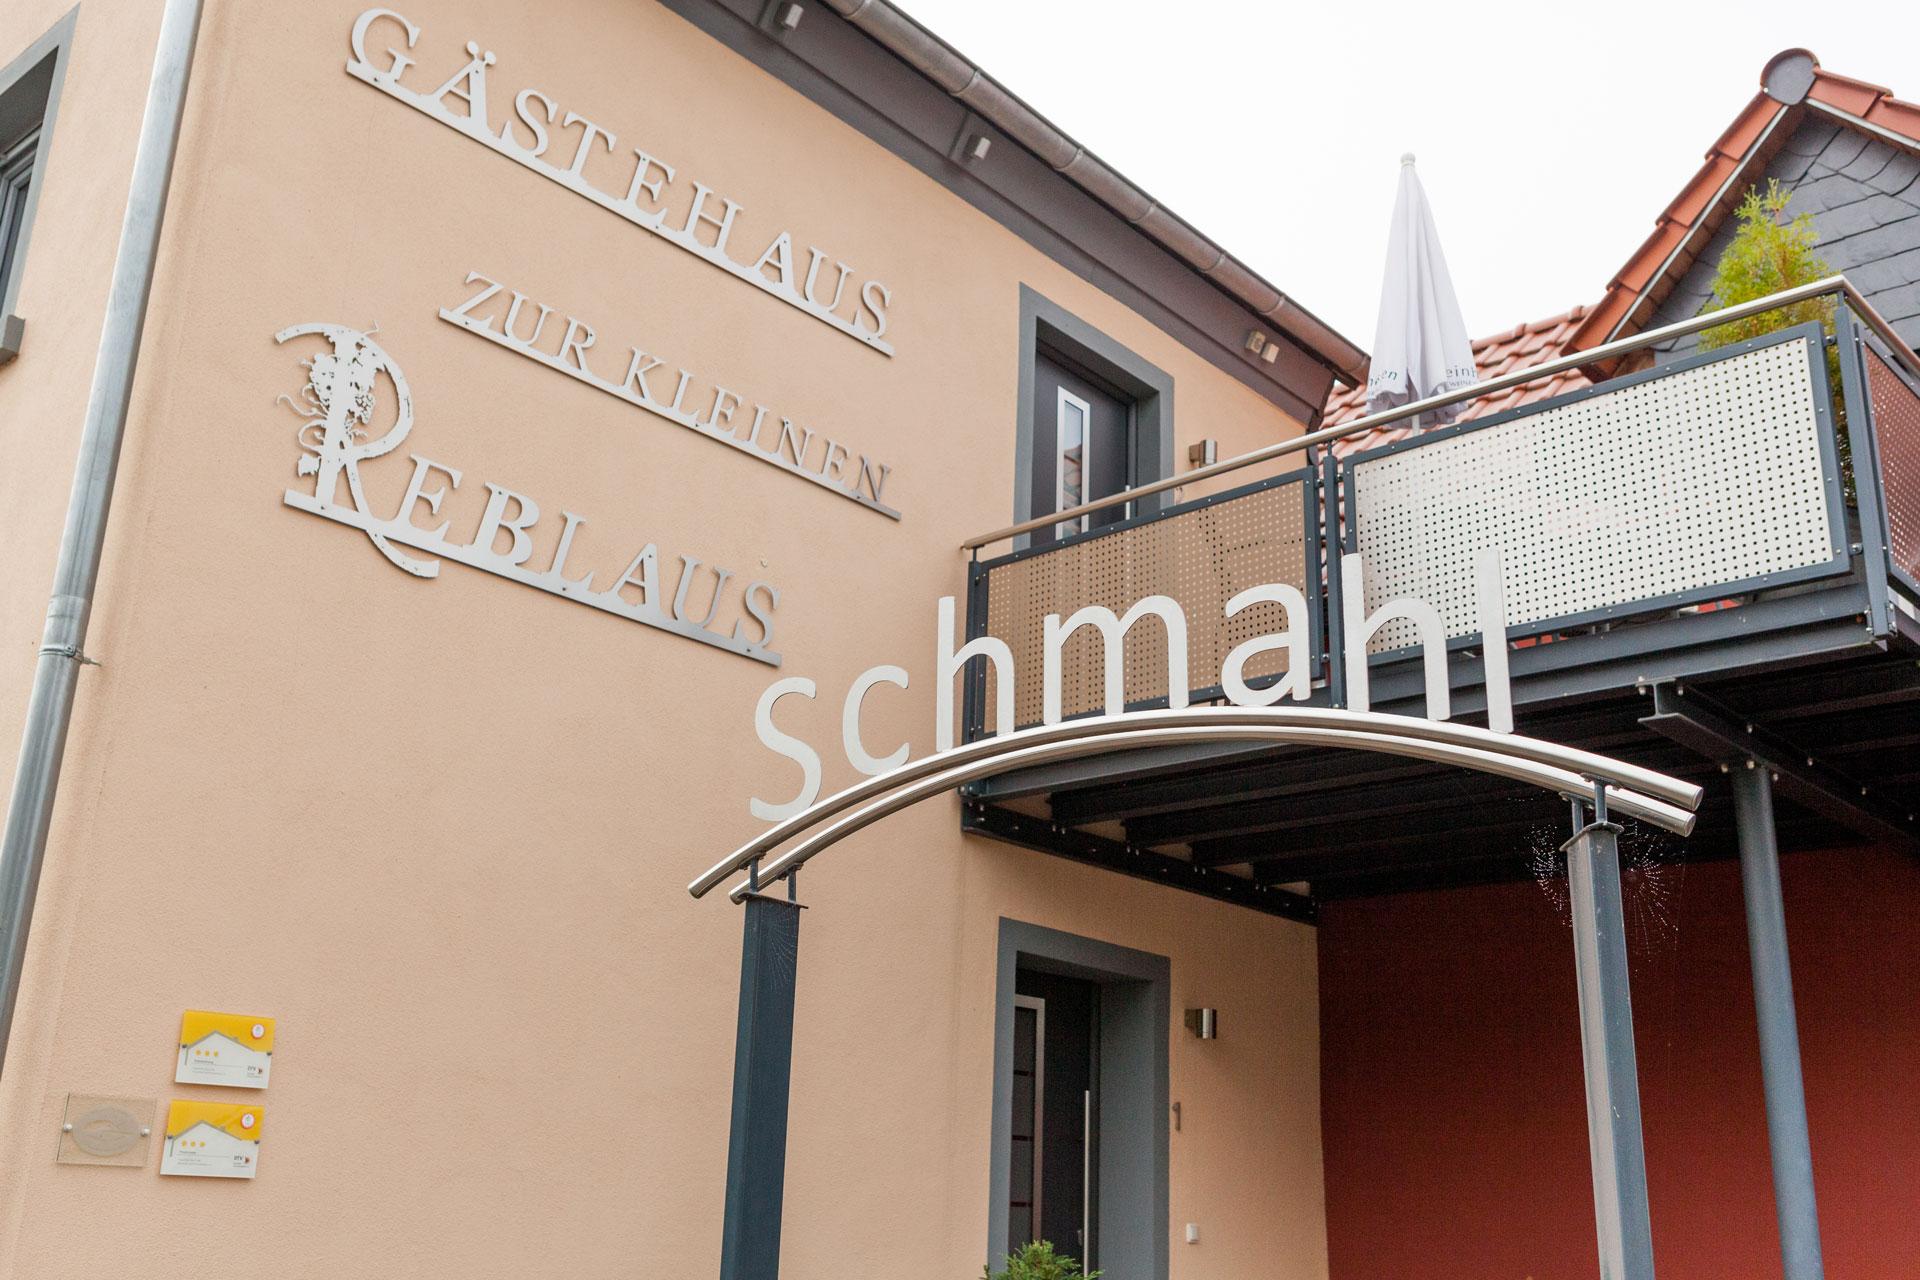 Weingut_Schmahl_Ilbesheim_Wein-Gästehaus-9161